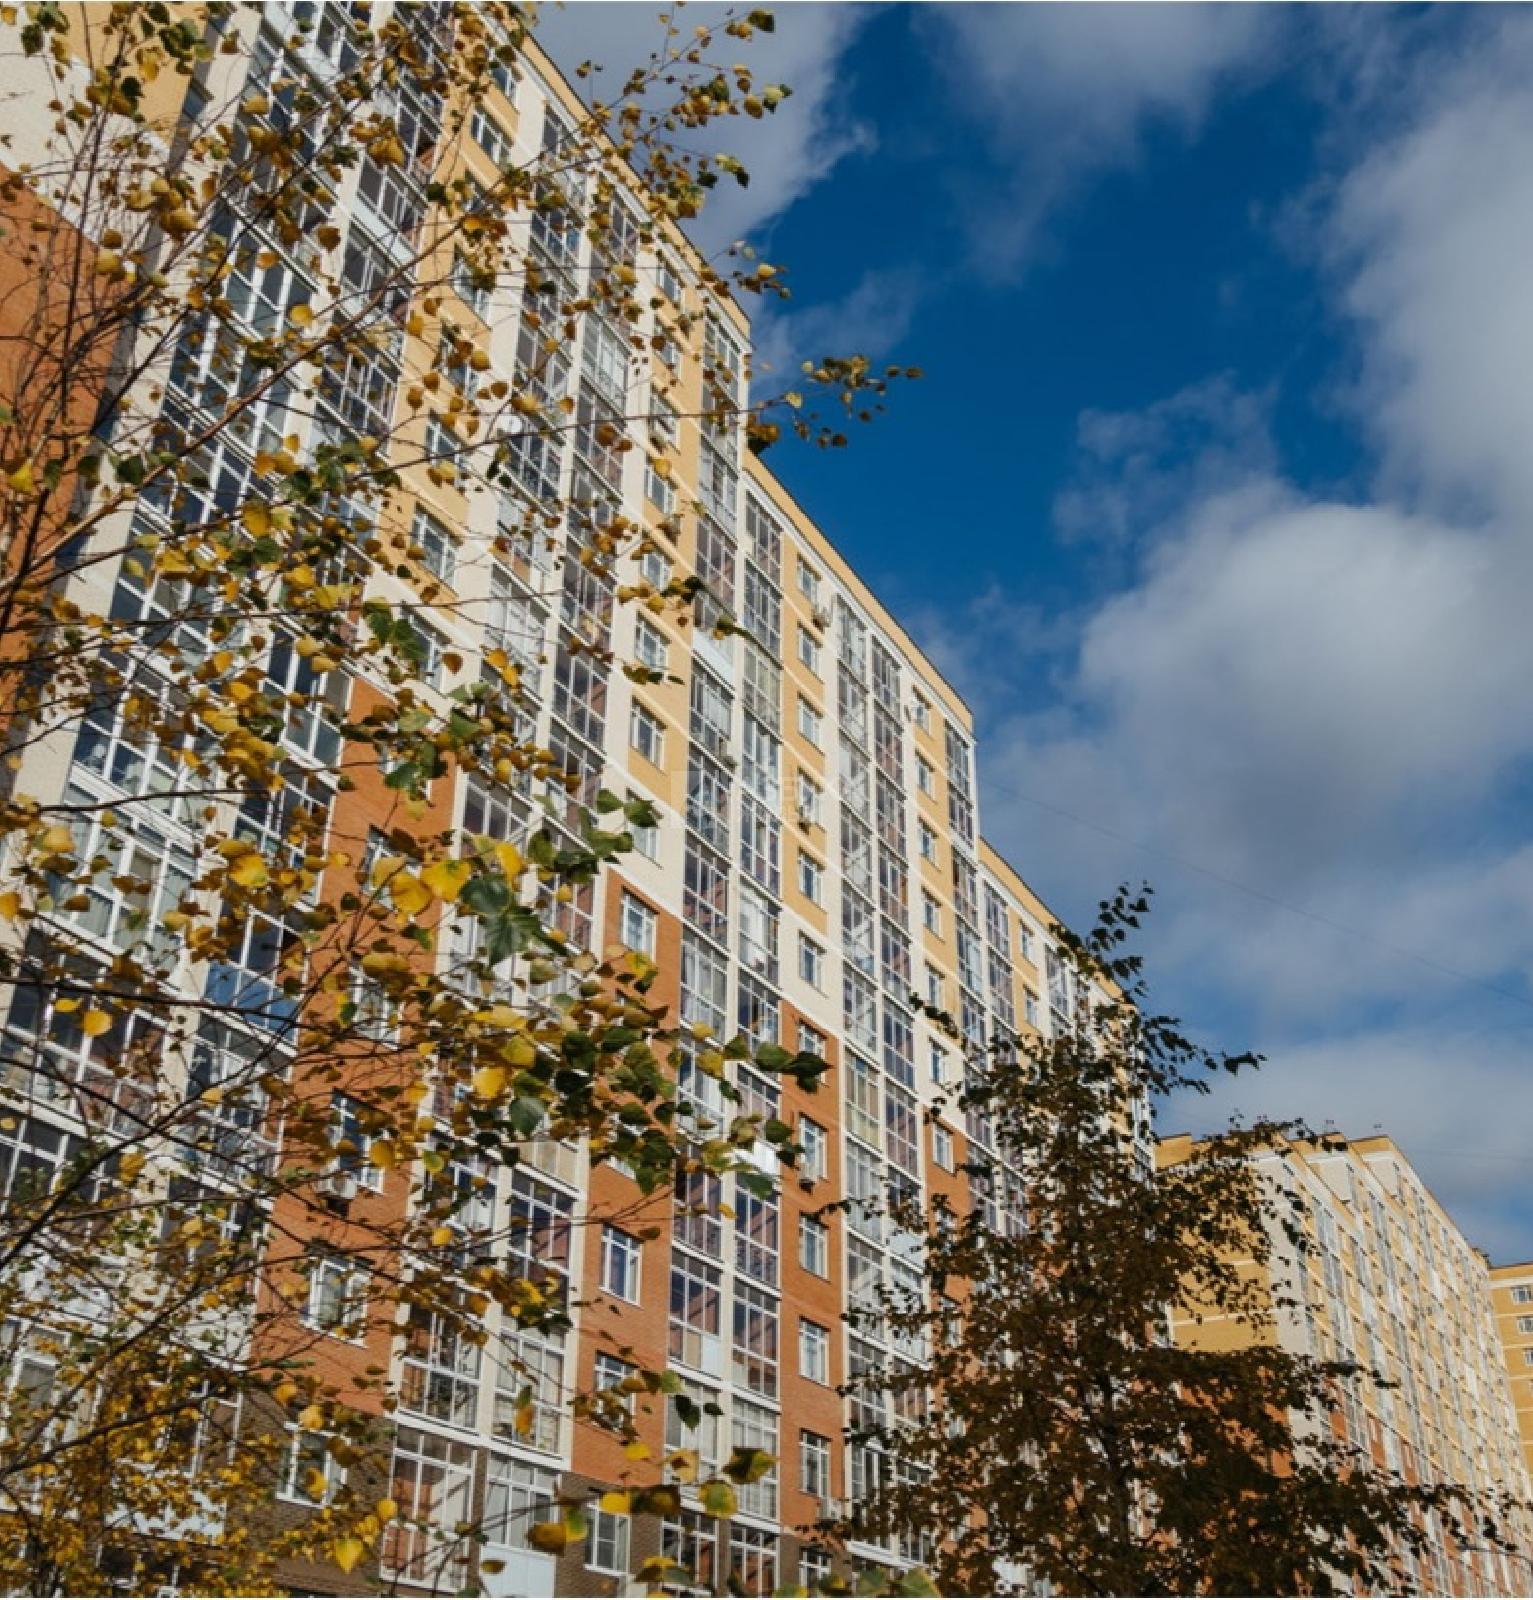 Фото №7 - 2-комнатная квартира, Москва, поселок Коммунарка, Александры Монаховой улица 43 корпус 1, метро Коммунарка